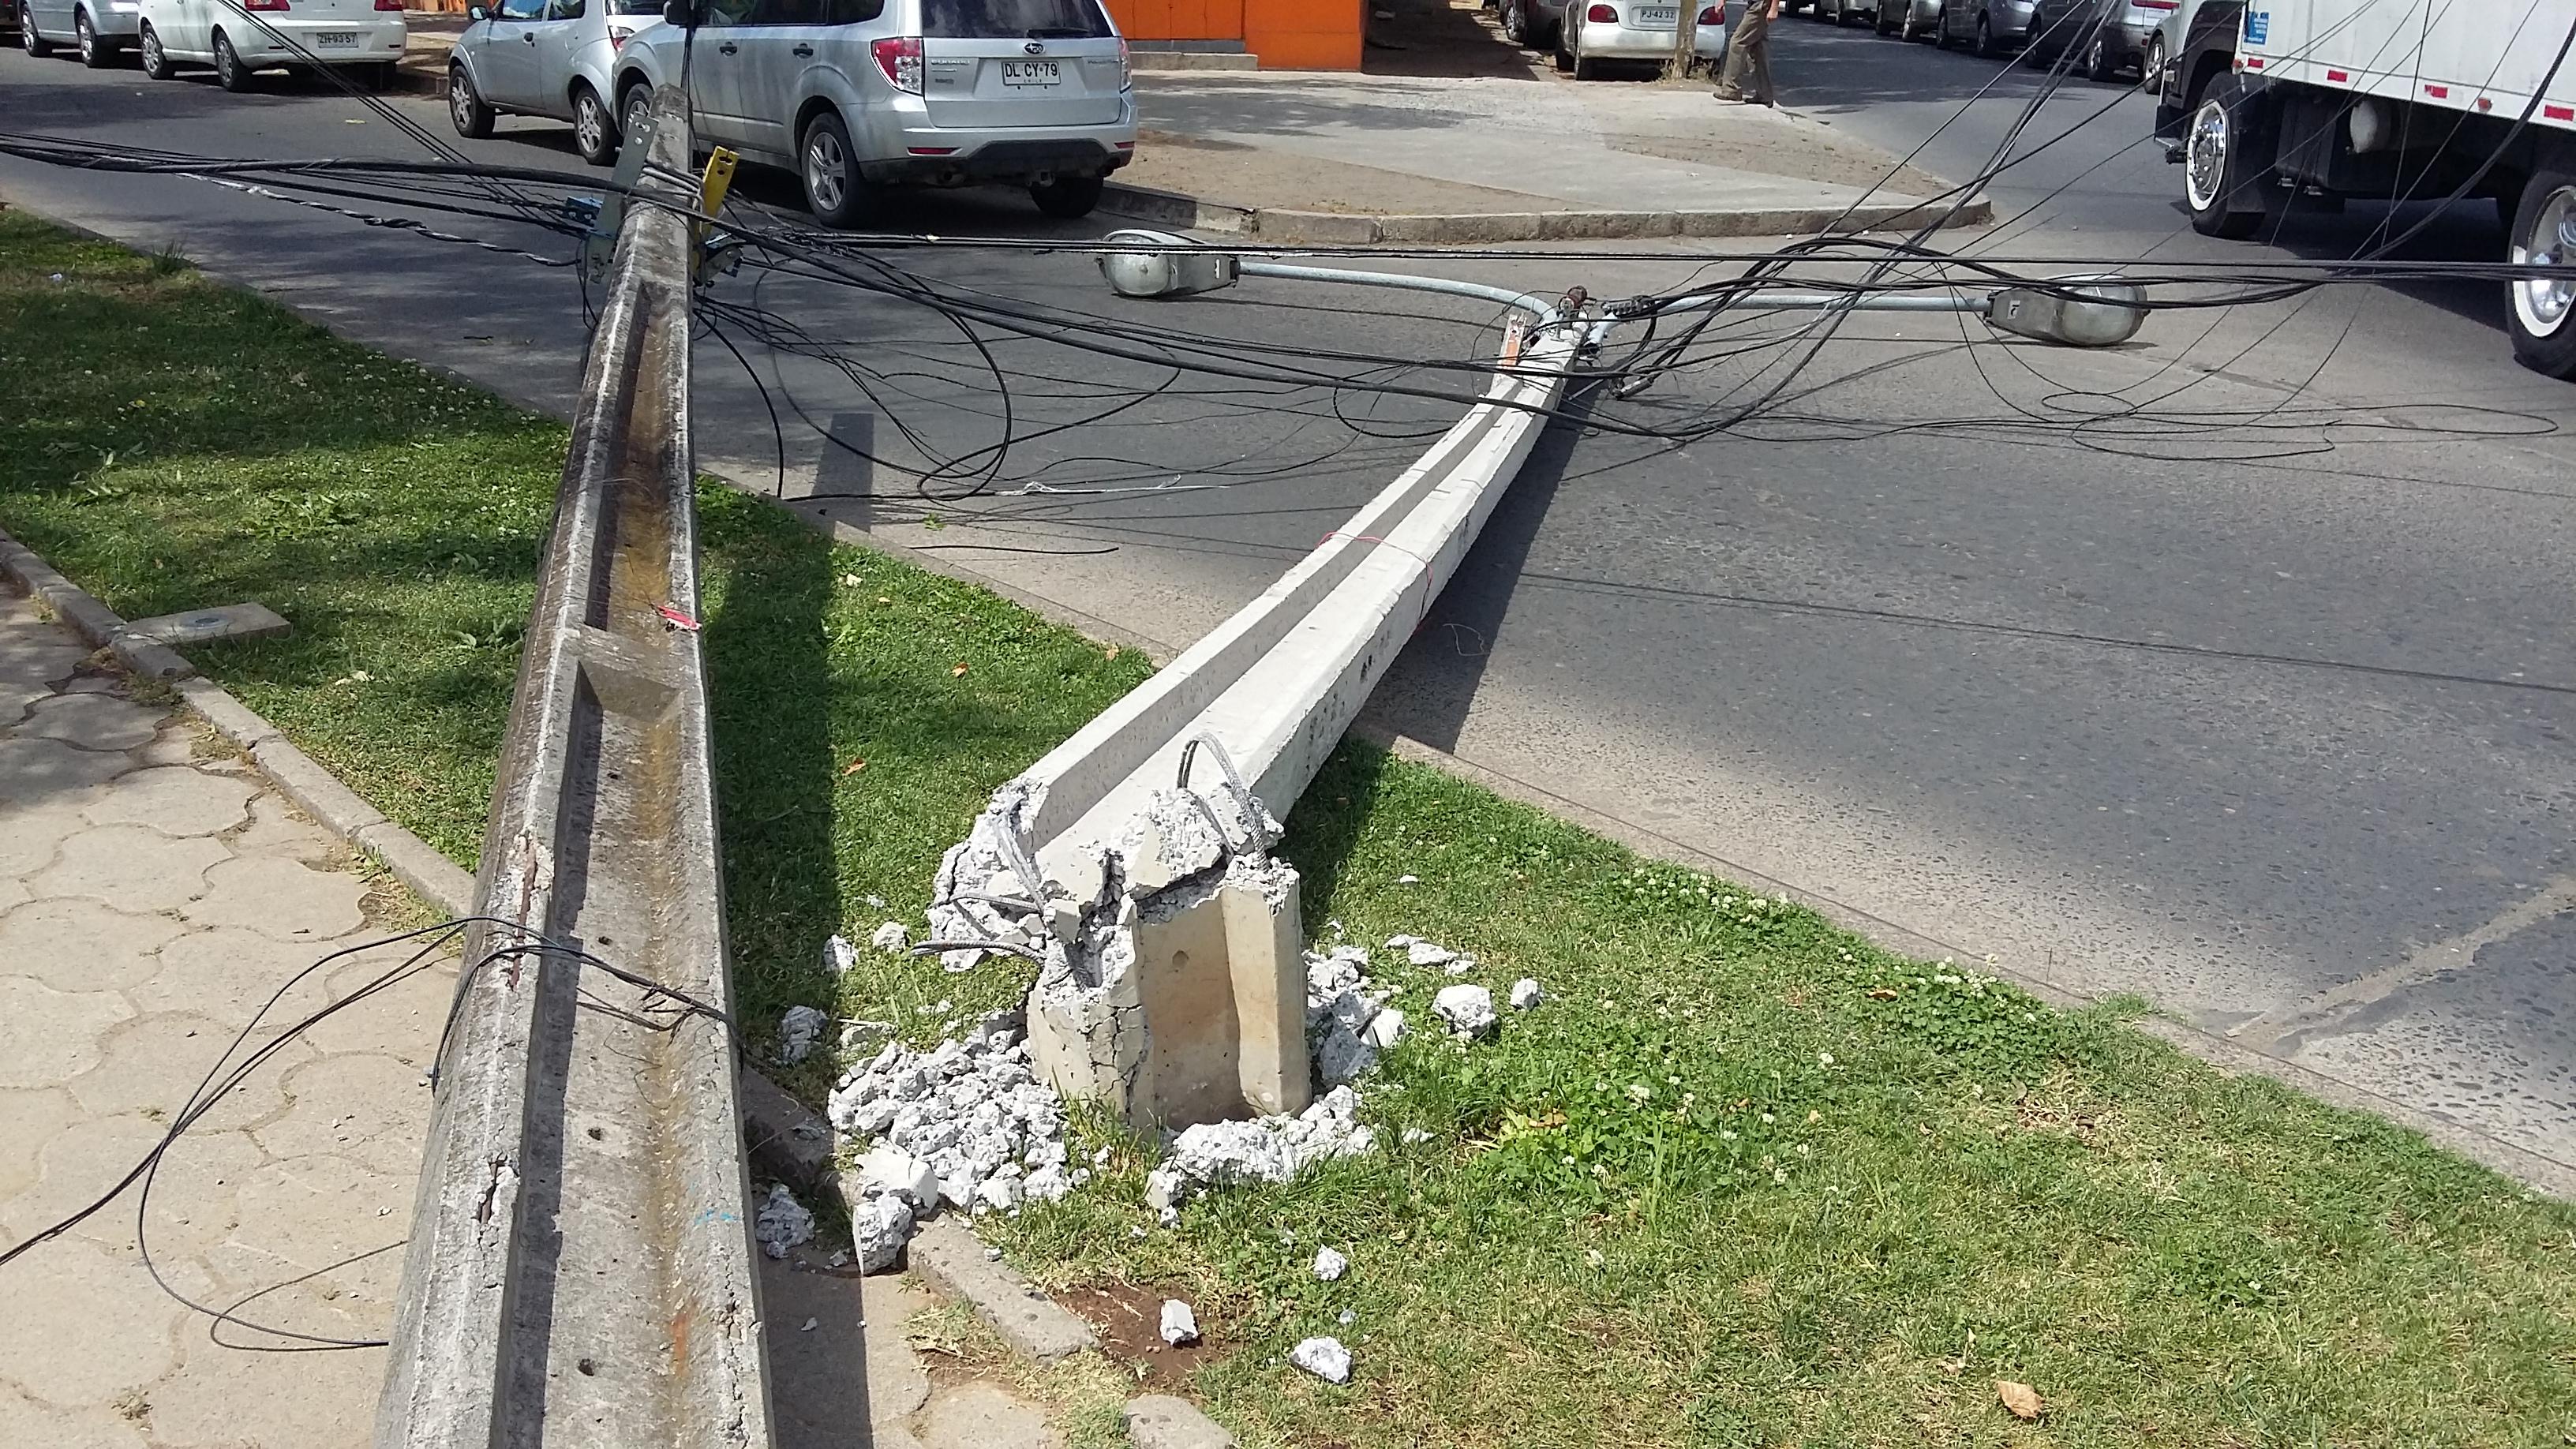 [Fotos] Camión pasó a llevar los cables del tendido eléctrico, dejando varios postes en el suelo.